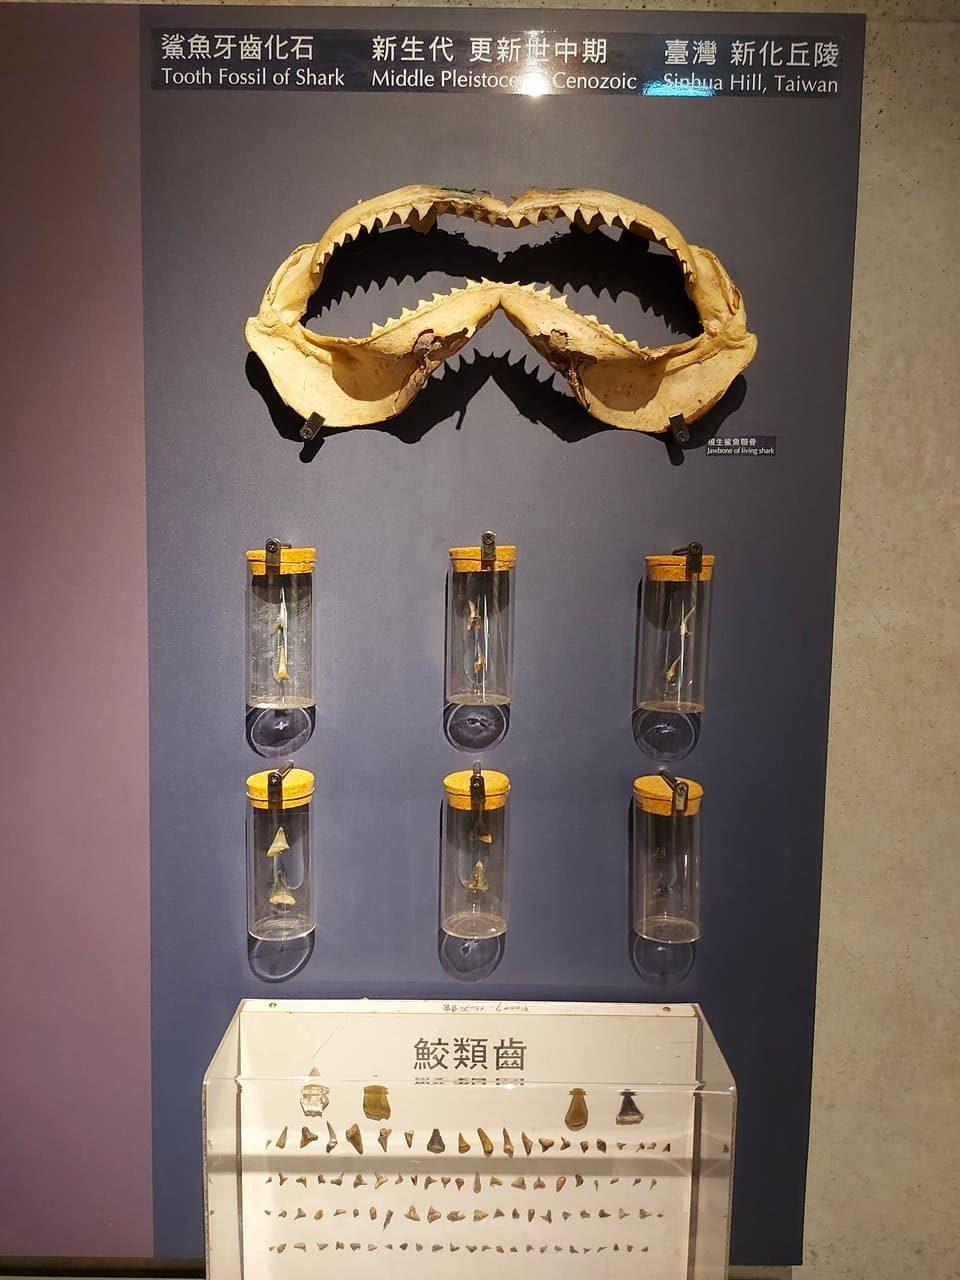 左鎮化石園區鯊魚牙齒